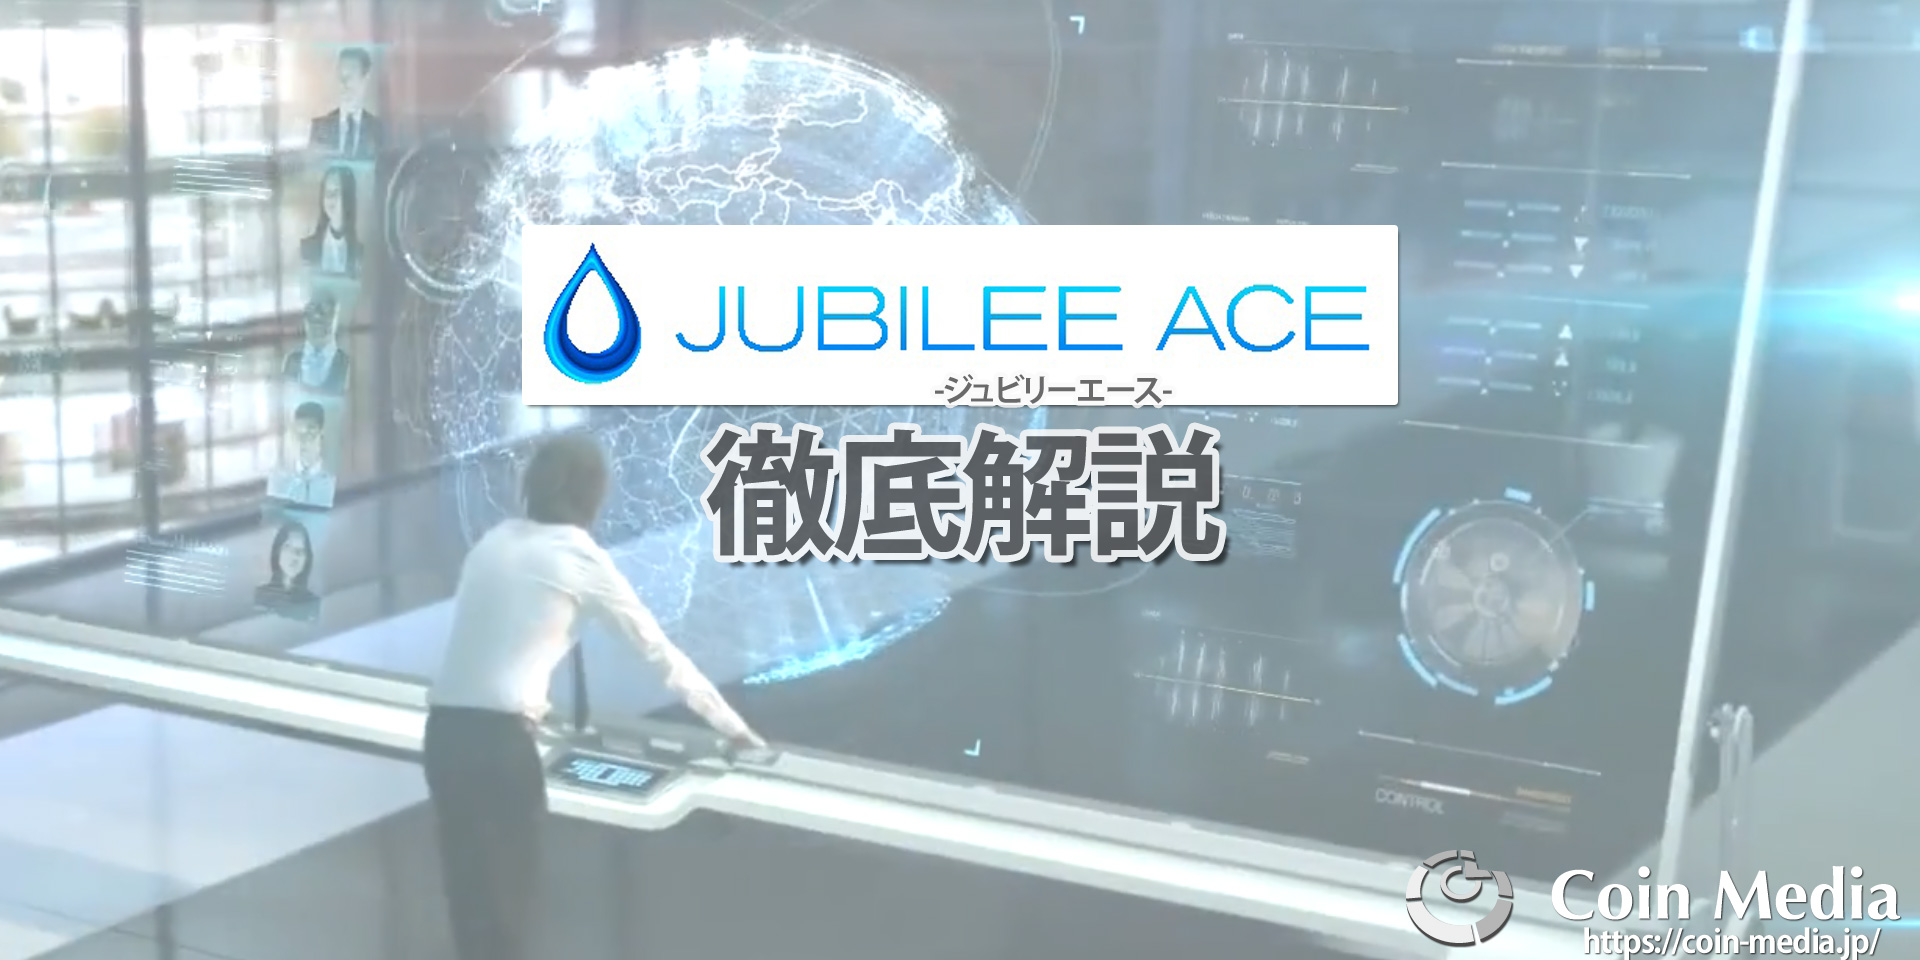 ジュビリーエース(jubileeace)とは?AQUAアービトラージシステムなど特徴を徹底解説!